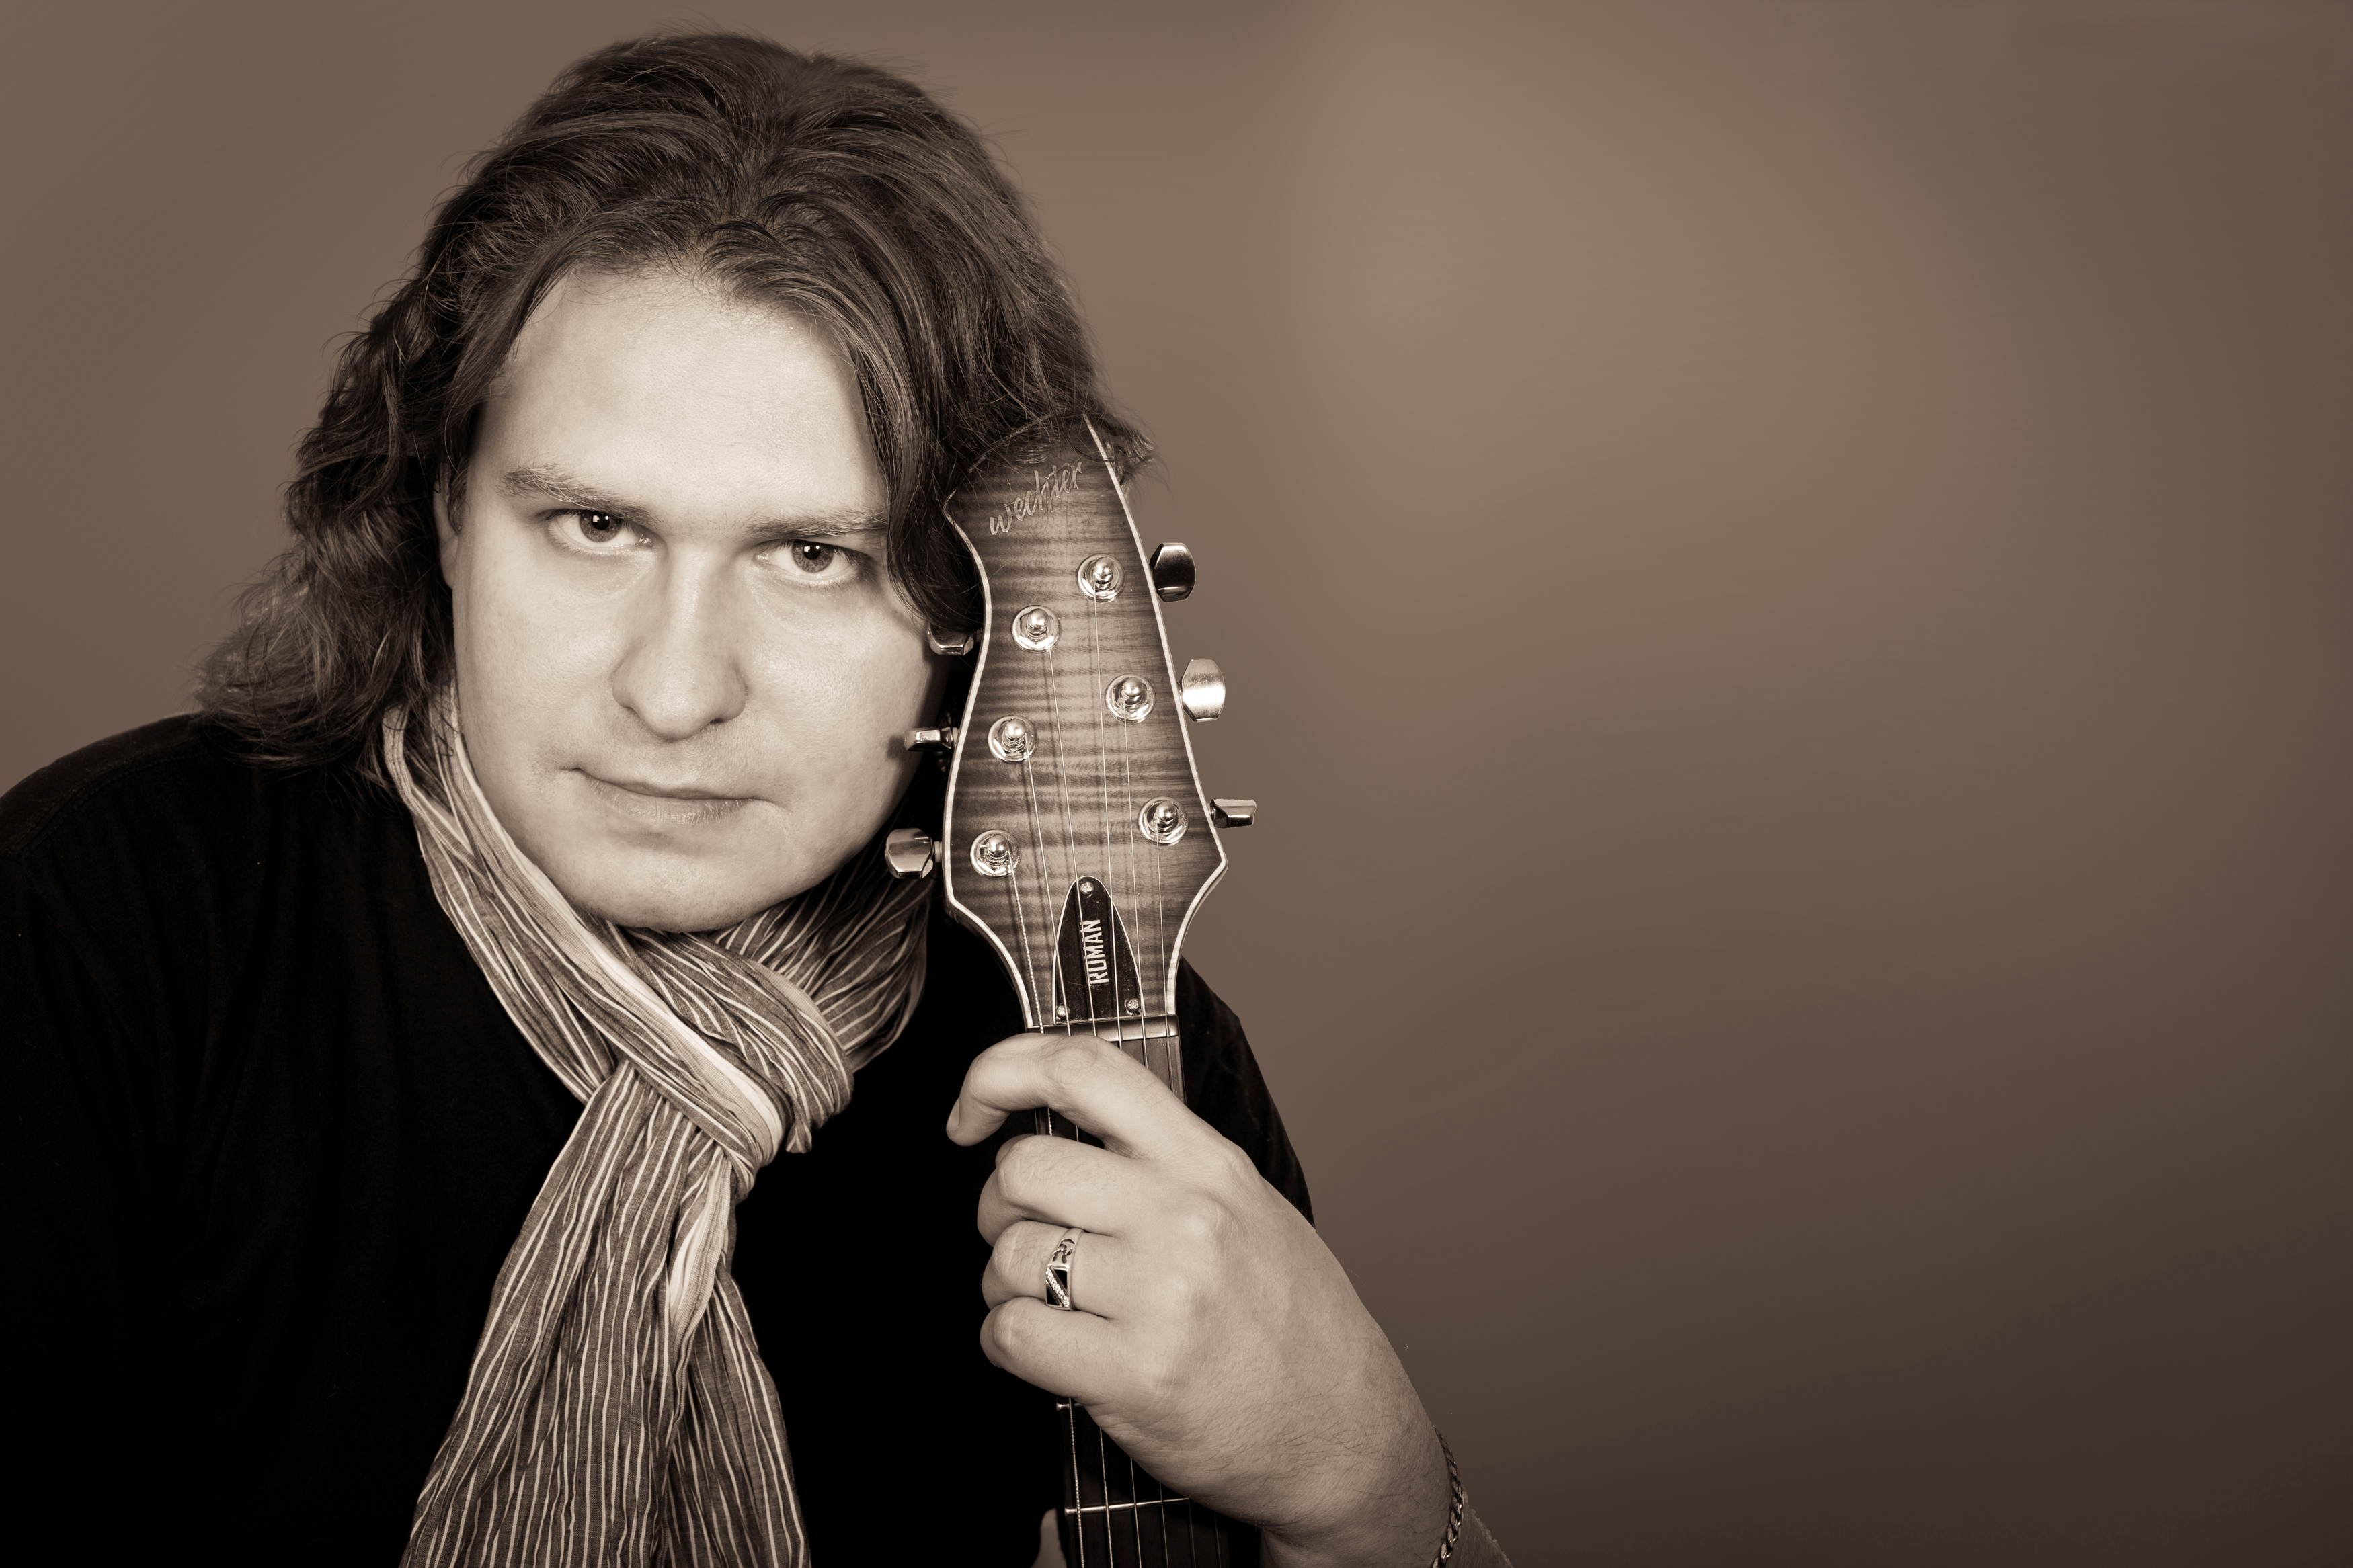 Roman Miroshnichenko